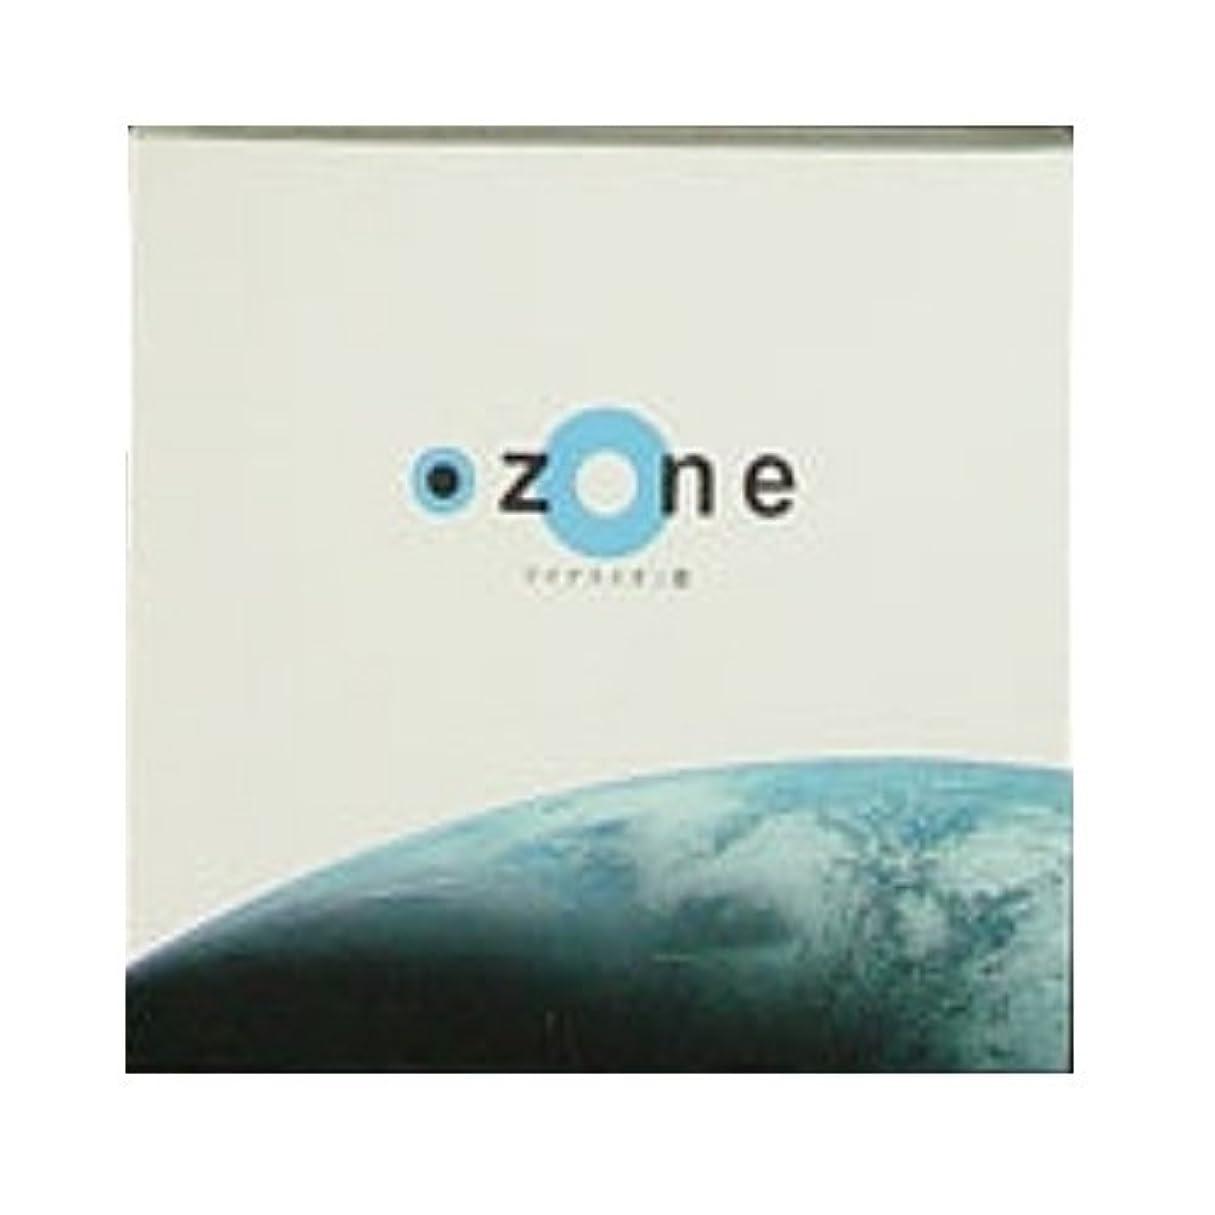 受け継ぐ逃れる悲鳴悠々庵 OZONE 箱型 ウルトラマリン